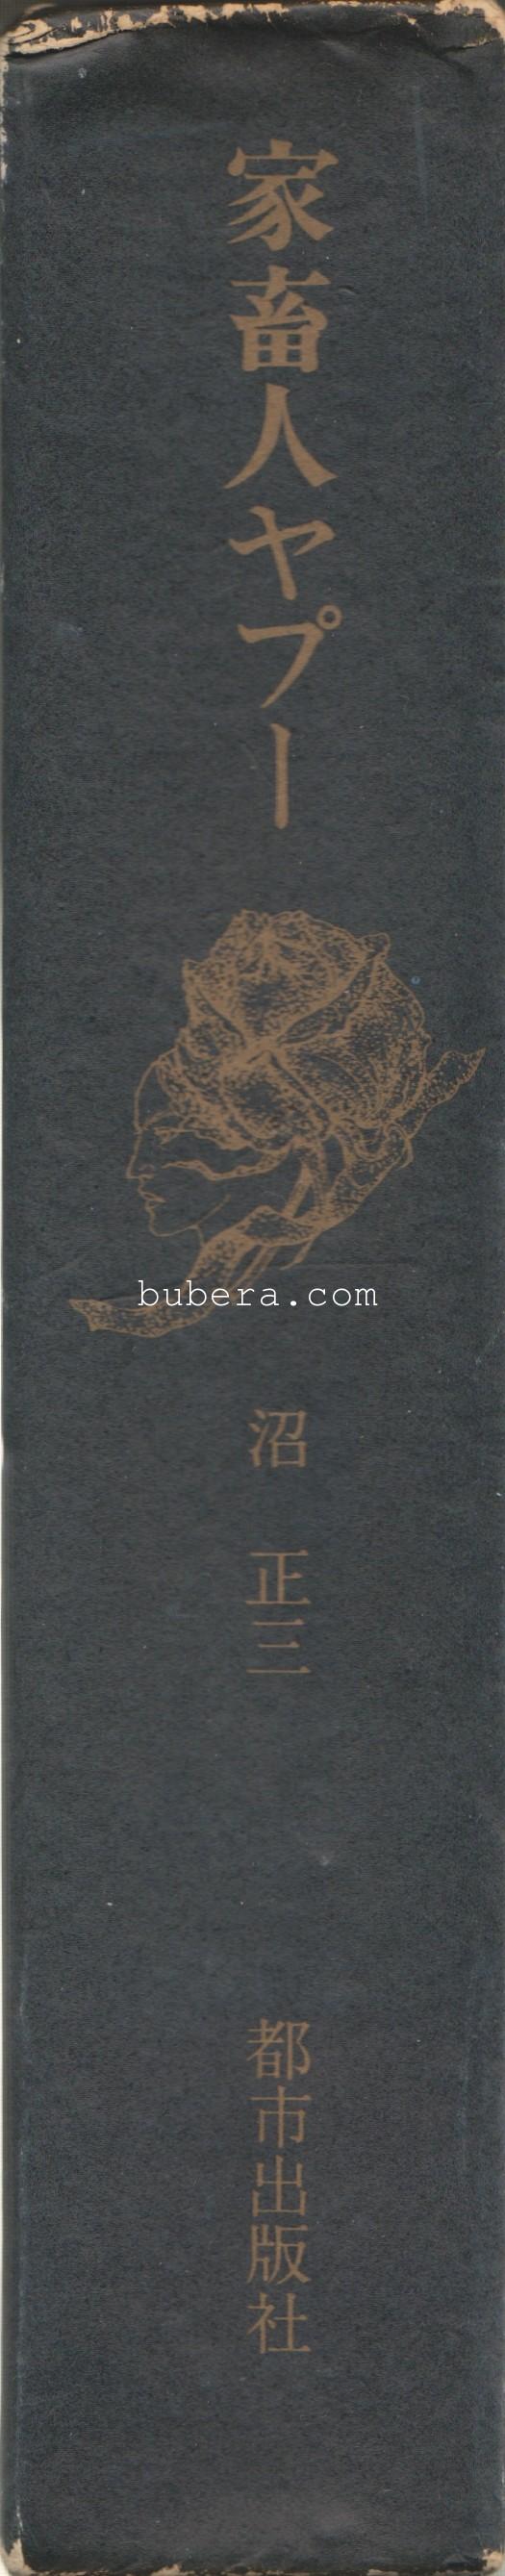 家畜人ヤプー 改訂増補限定版 限定2000部 (都市出版社) カバー帯